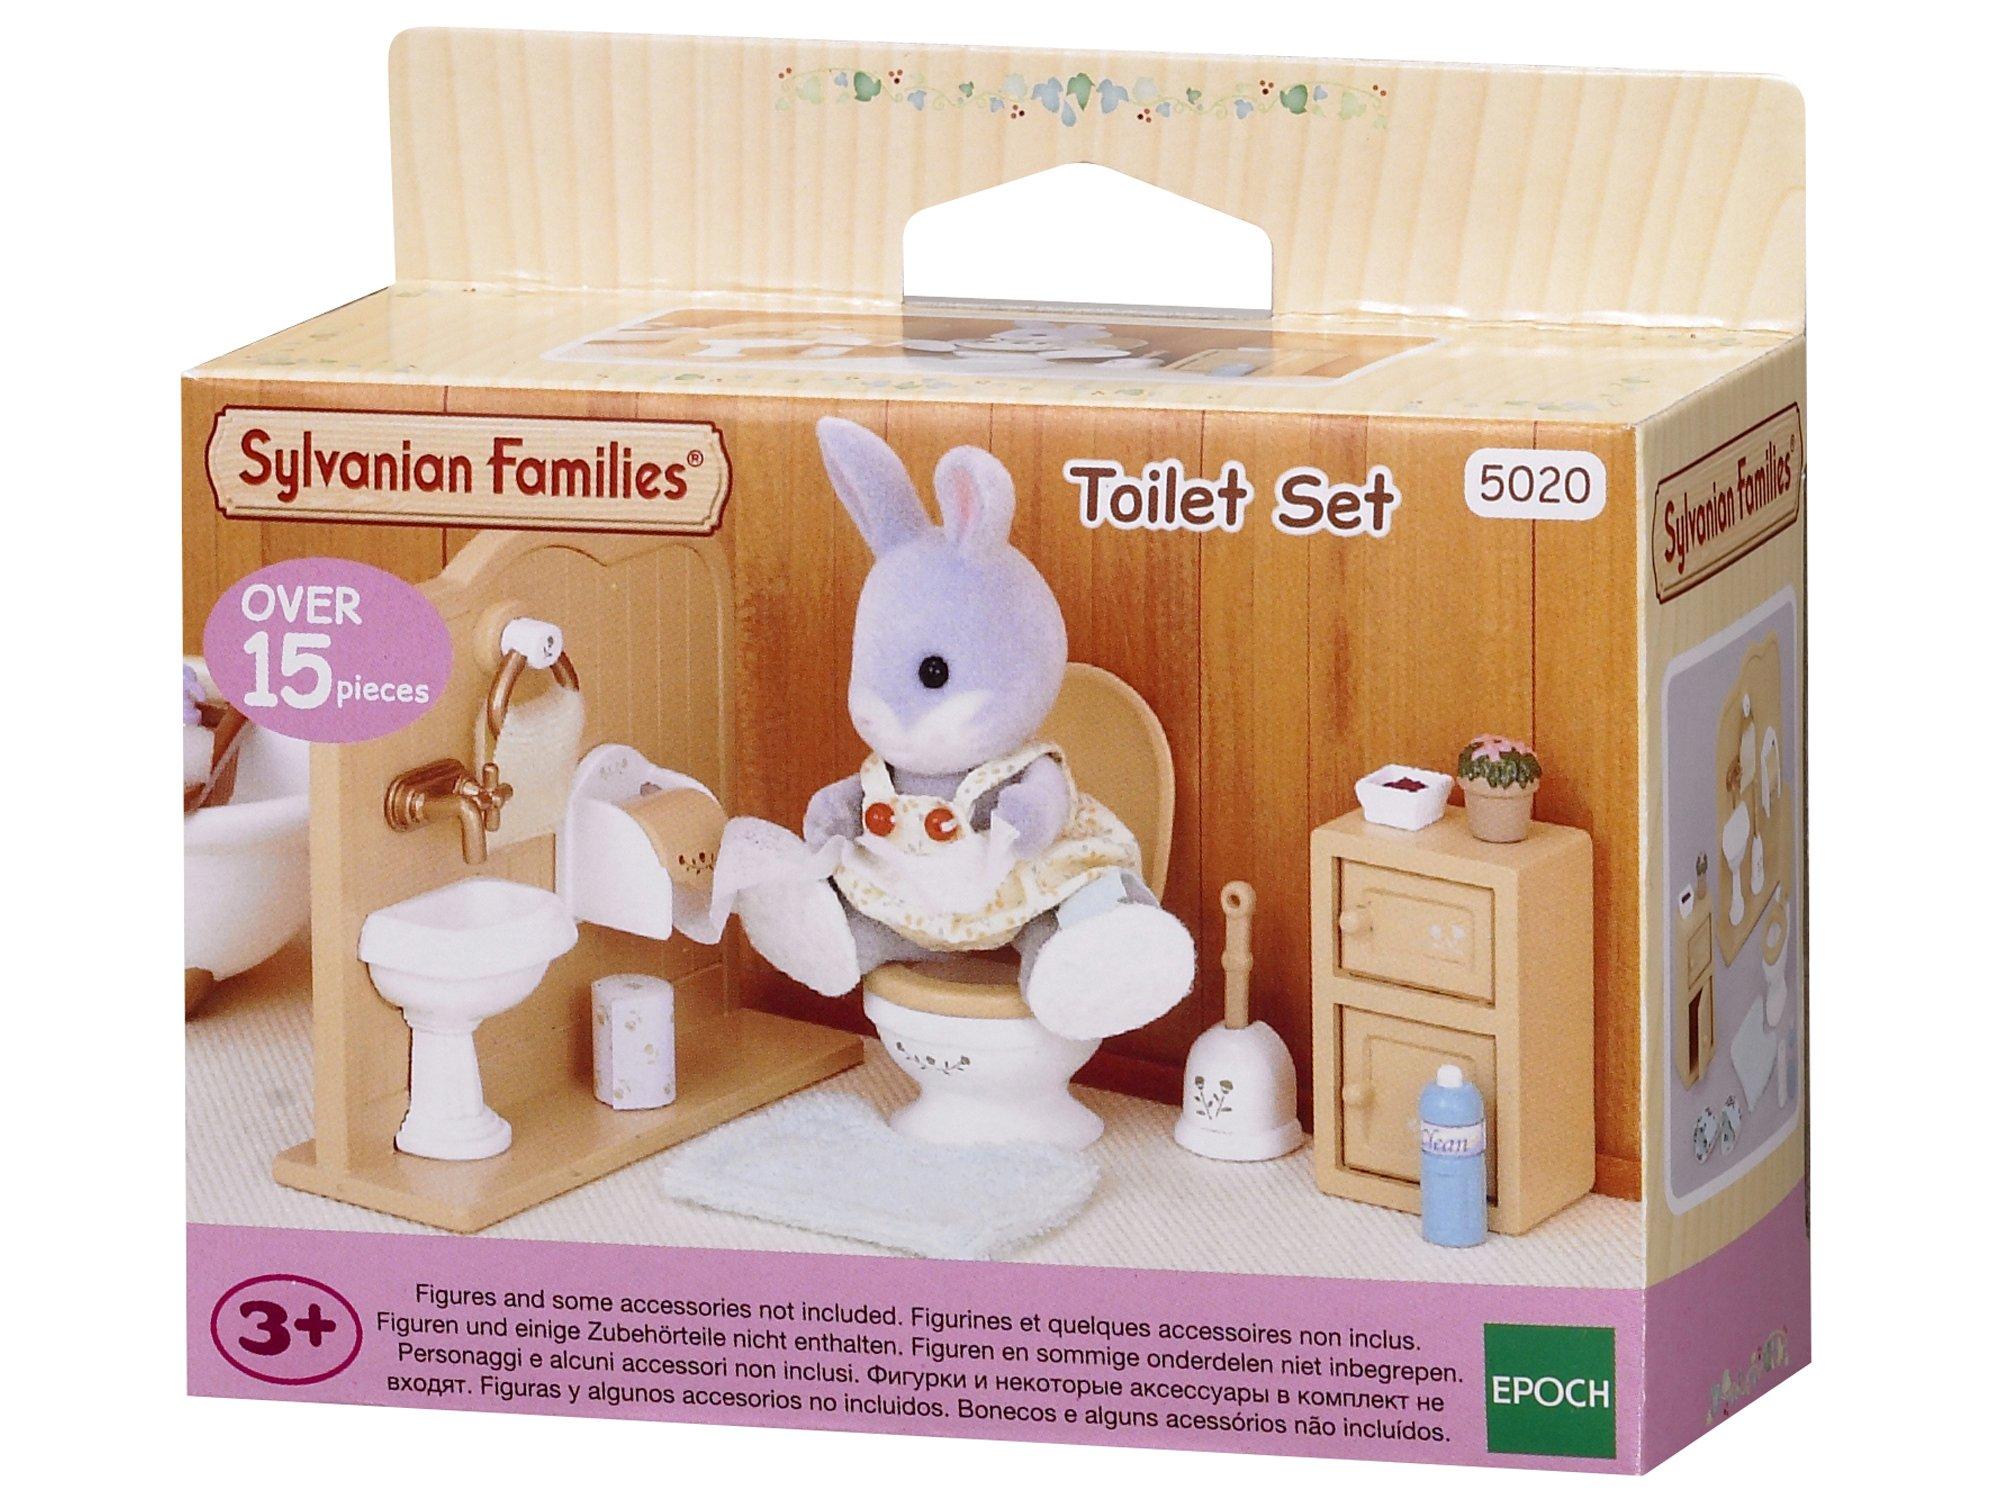 Sylvanian Families Toilet Set Mini muñecas y Accesorios, (Epoch 3563) product image